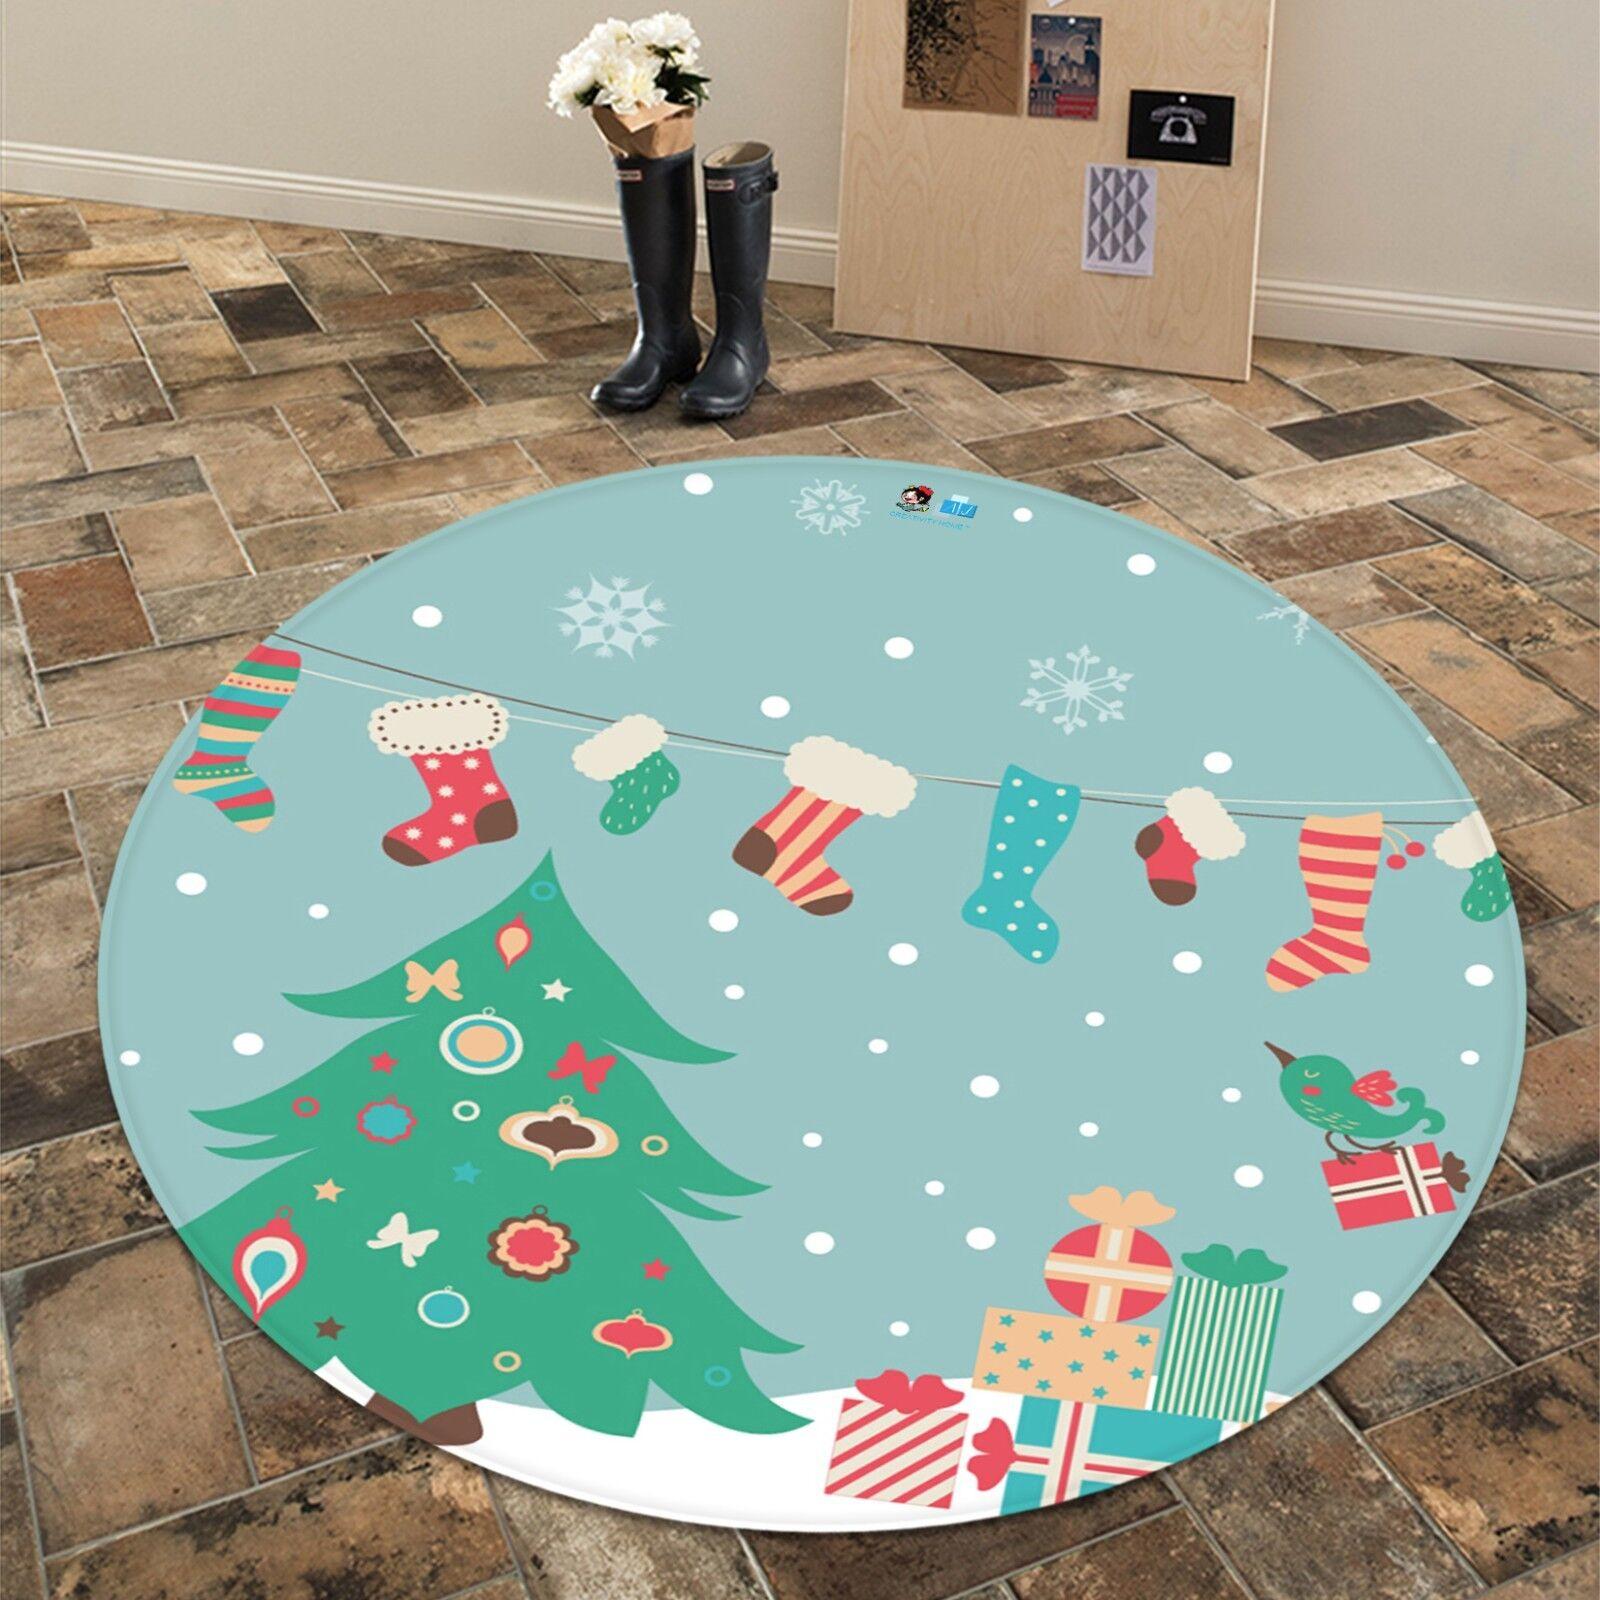 3D Natale Xmas 623 Antiscivolo Tappeto Tappetino stuoia di qualità rossoondo Elegante Tappeto foto Regno Unito